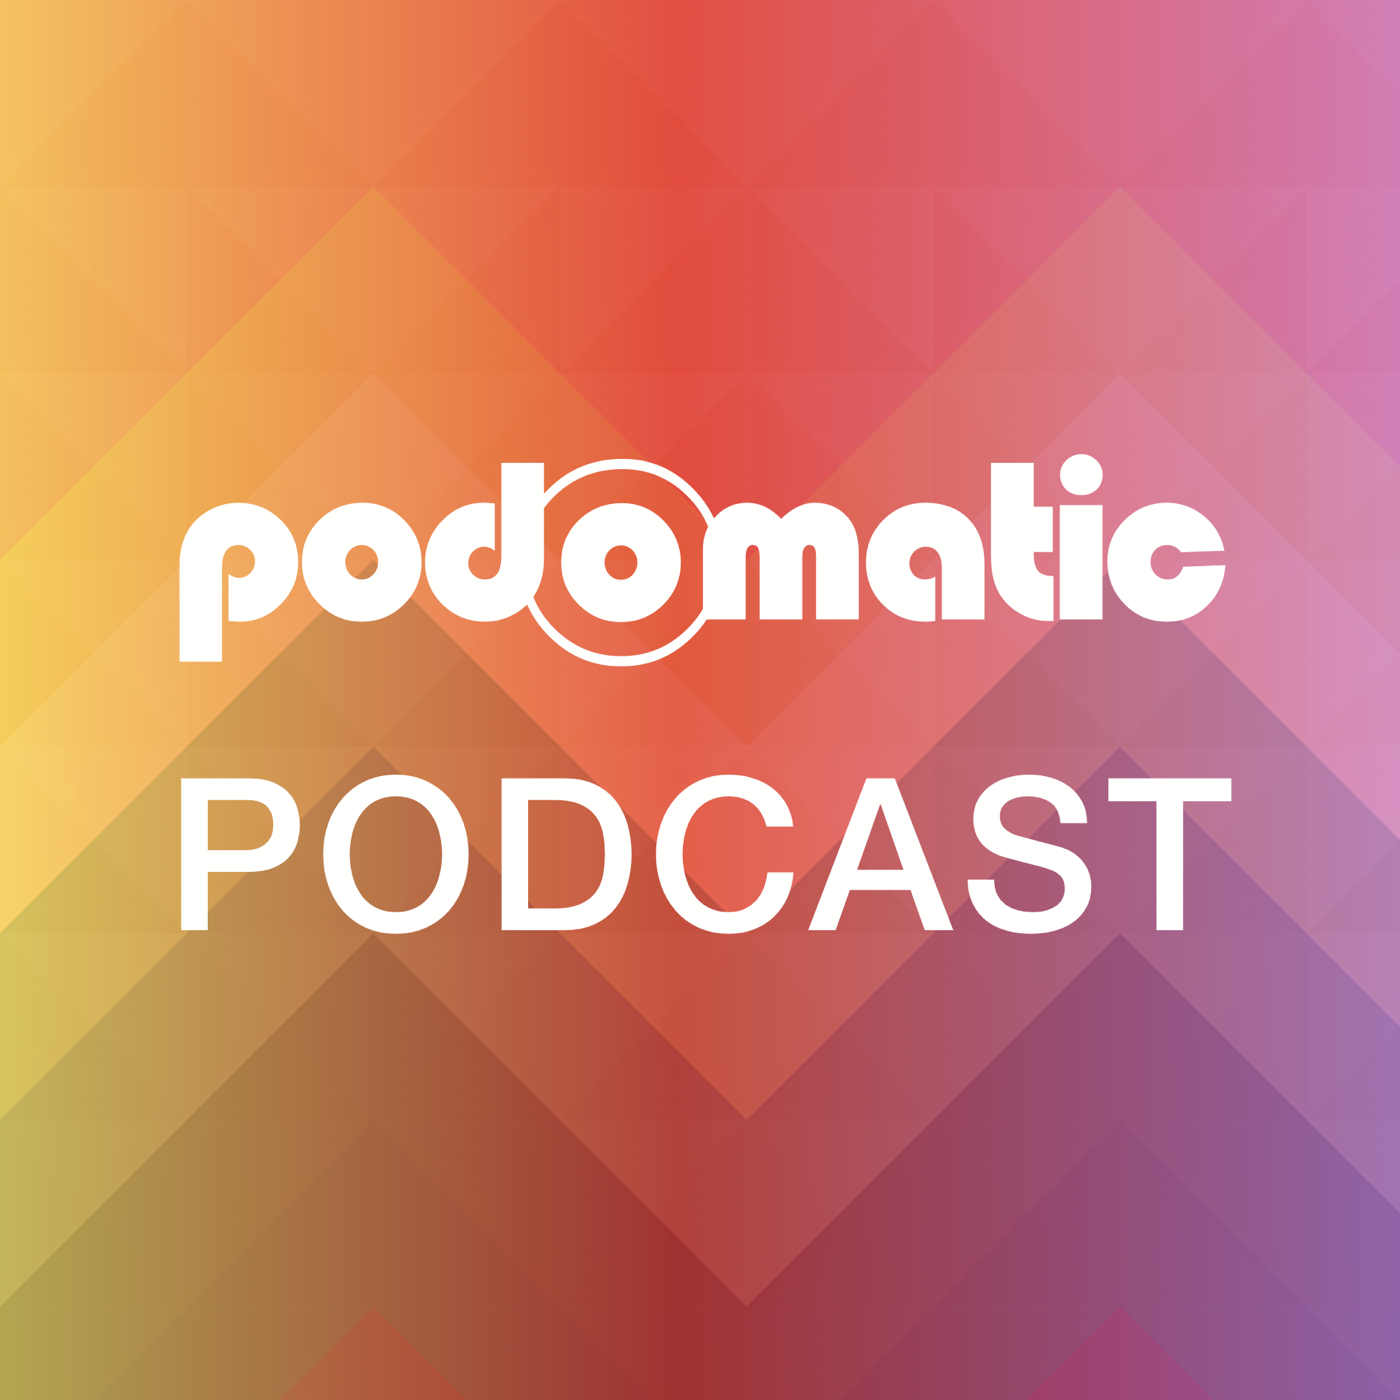 JimBob's Podcast